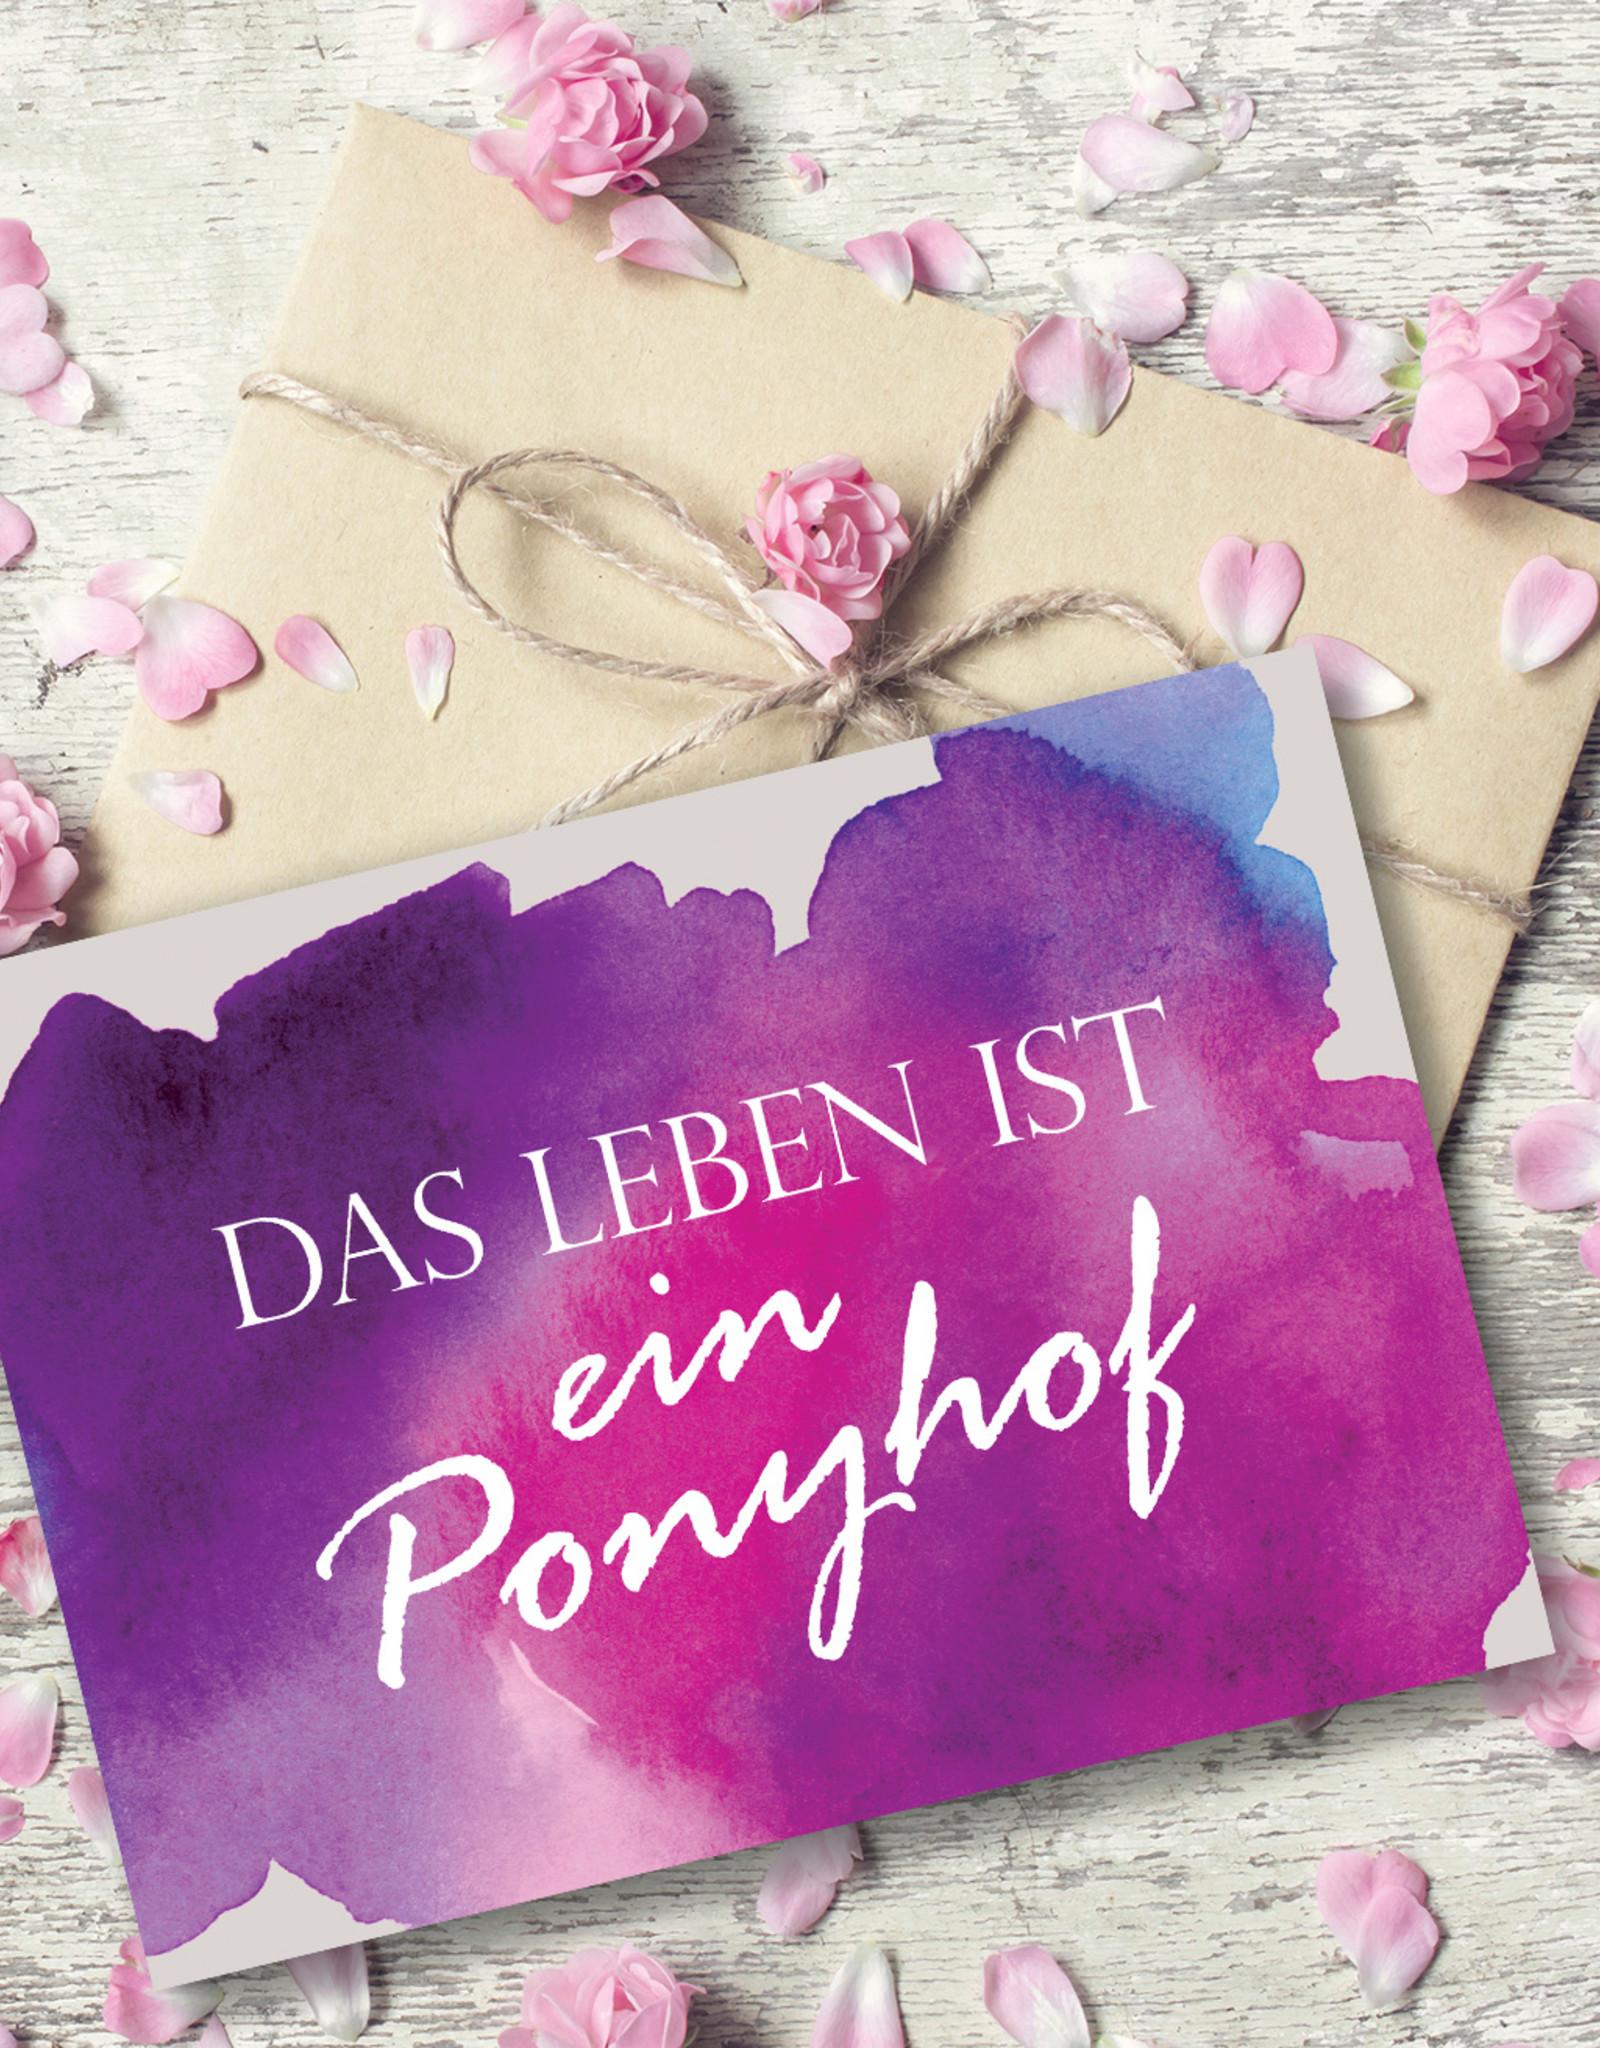 Postkarte Spruch Ponyhof  Motivationskarte